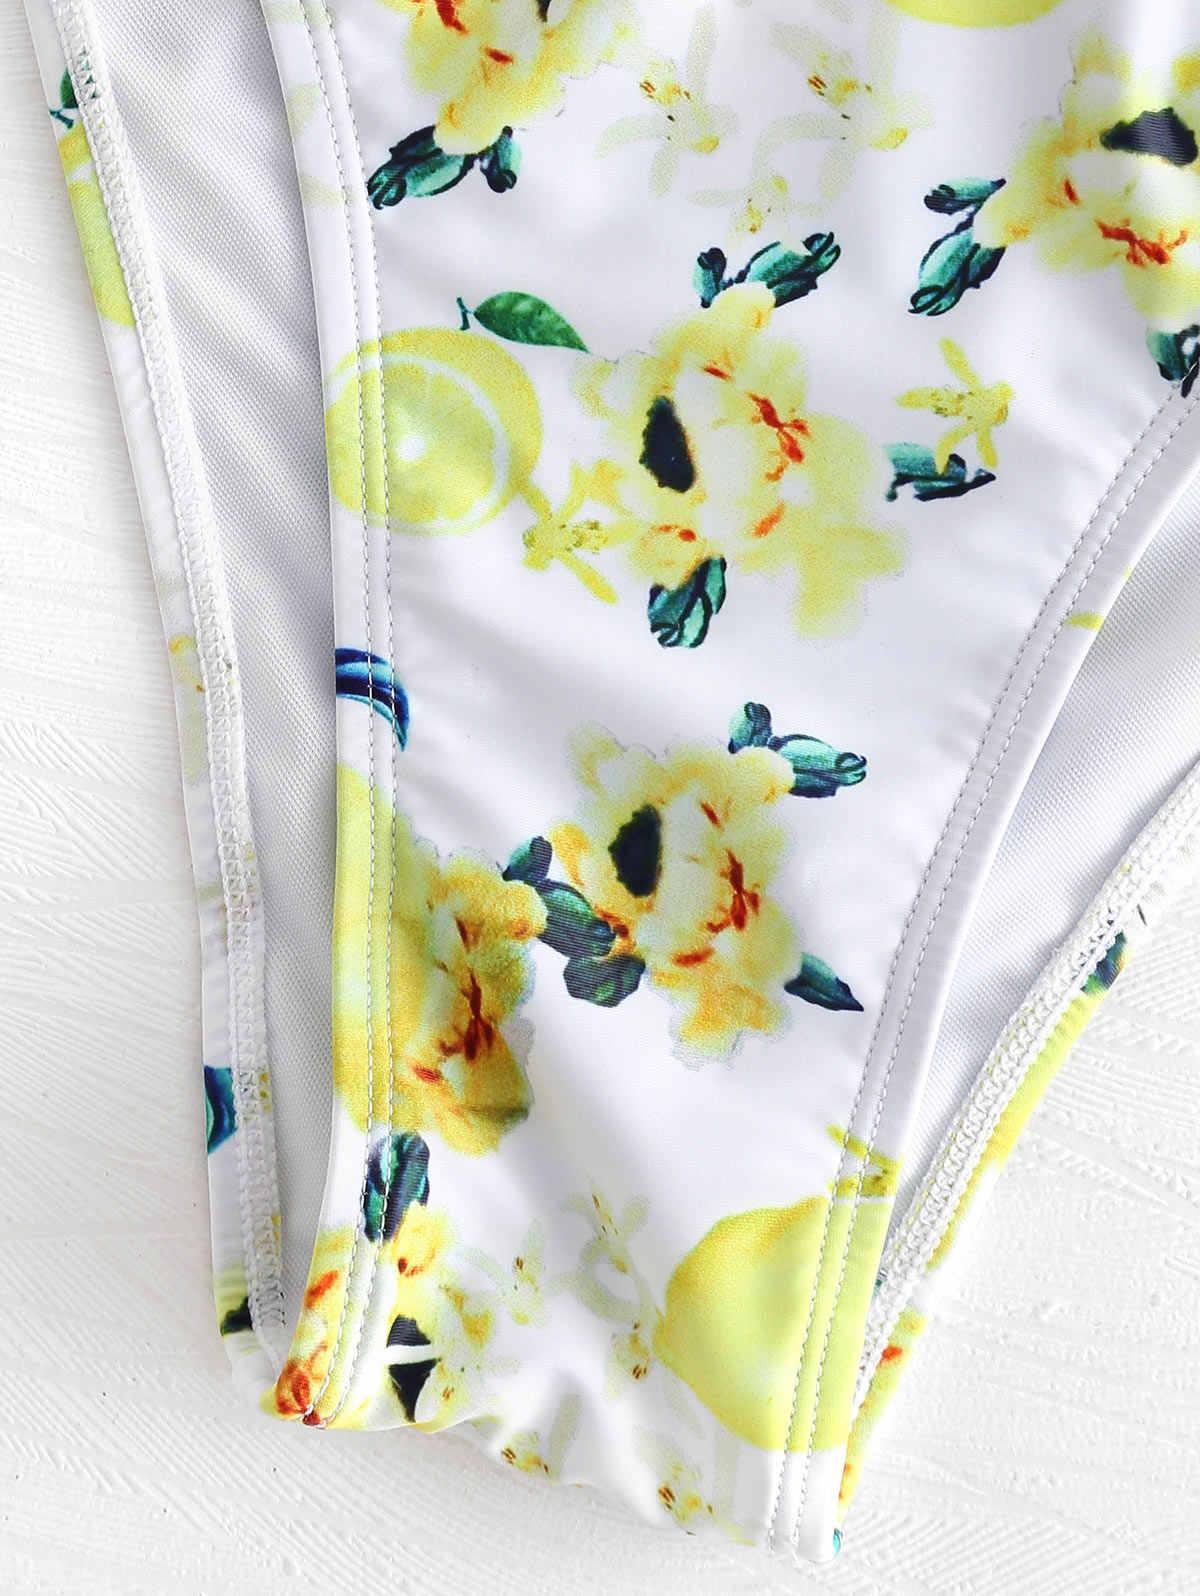 ZAFUL kobiety Lace-Up kwiatowy cytrynowy nadruk Bikini Set drut bezpłatne wyściełane brazylijski Biquini na co dzień stroje kąpielowe lato strój kąpielowy 2019